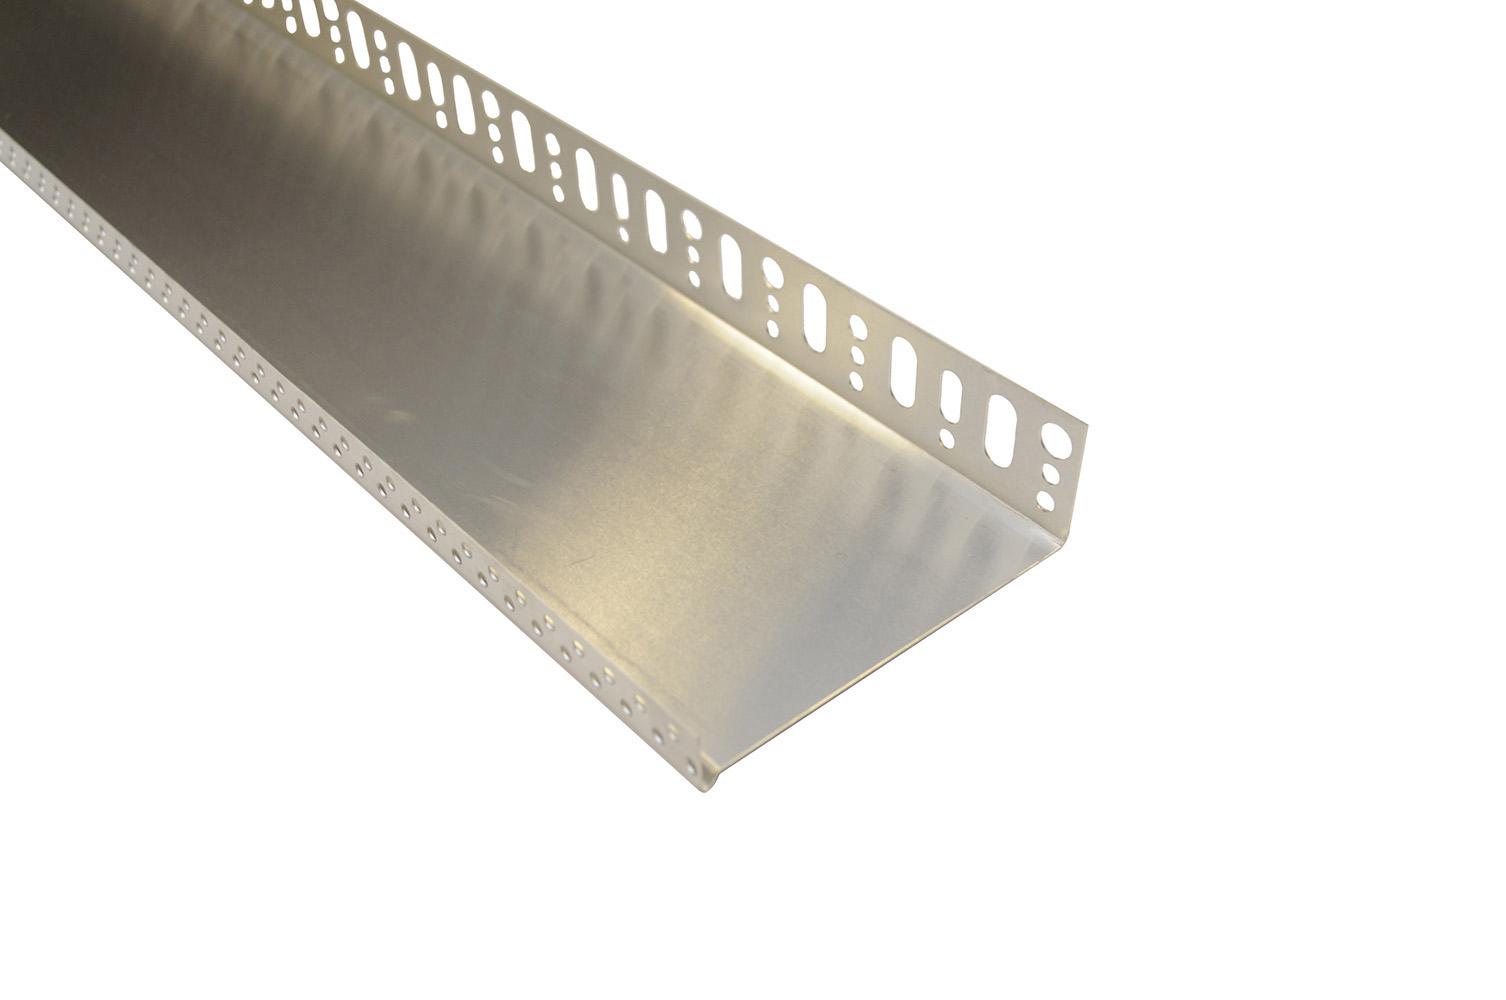 Zakládací profil pod ETICS, hliníková tl. 0,7 mm, šířka 123 mm, délka 2 m